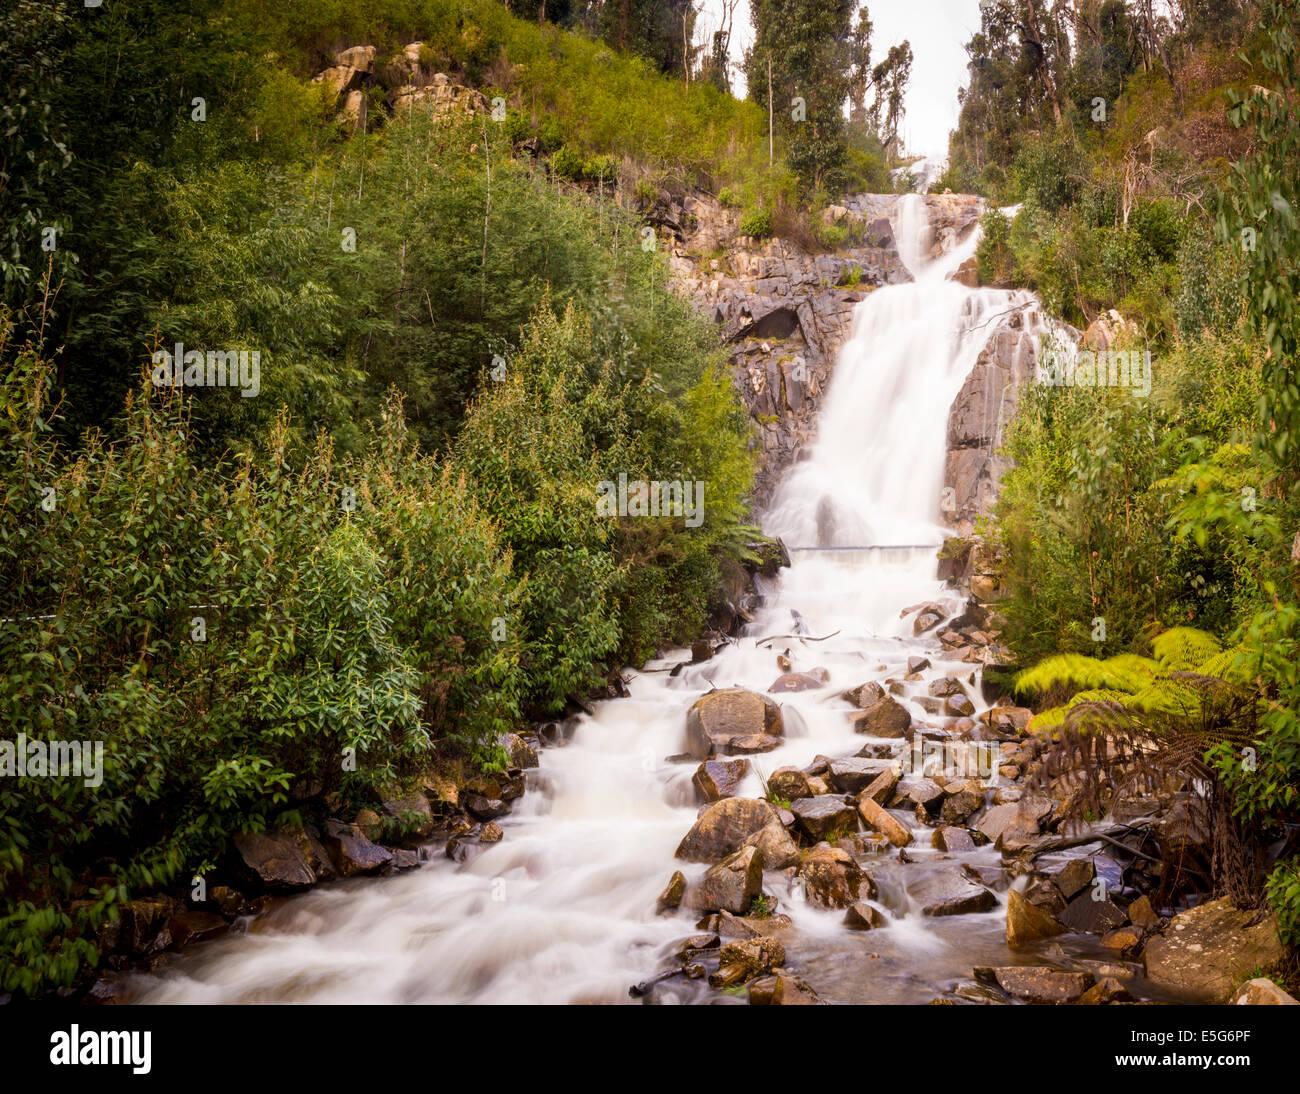 Steavenson Wasserfälle in der Nähe von Marysville, Australien im Winter voller Durchfluss Stockfoto